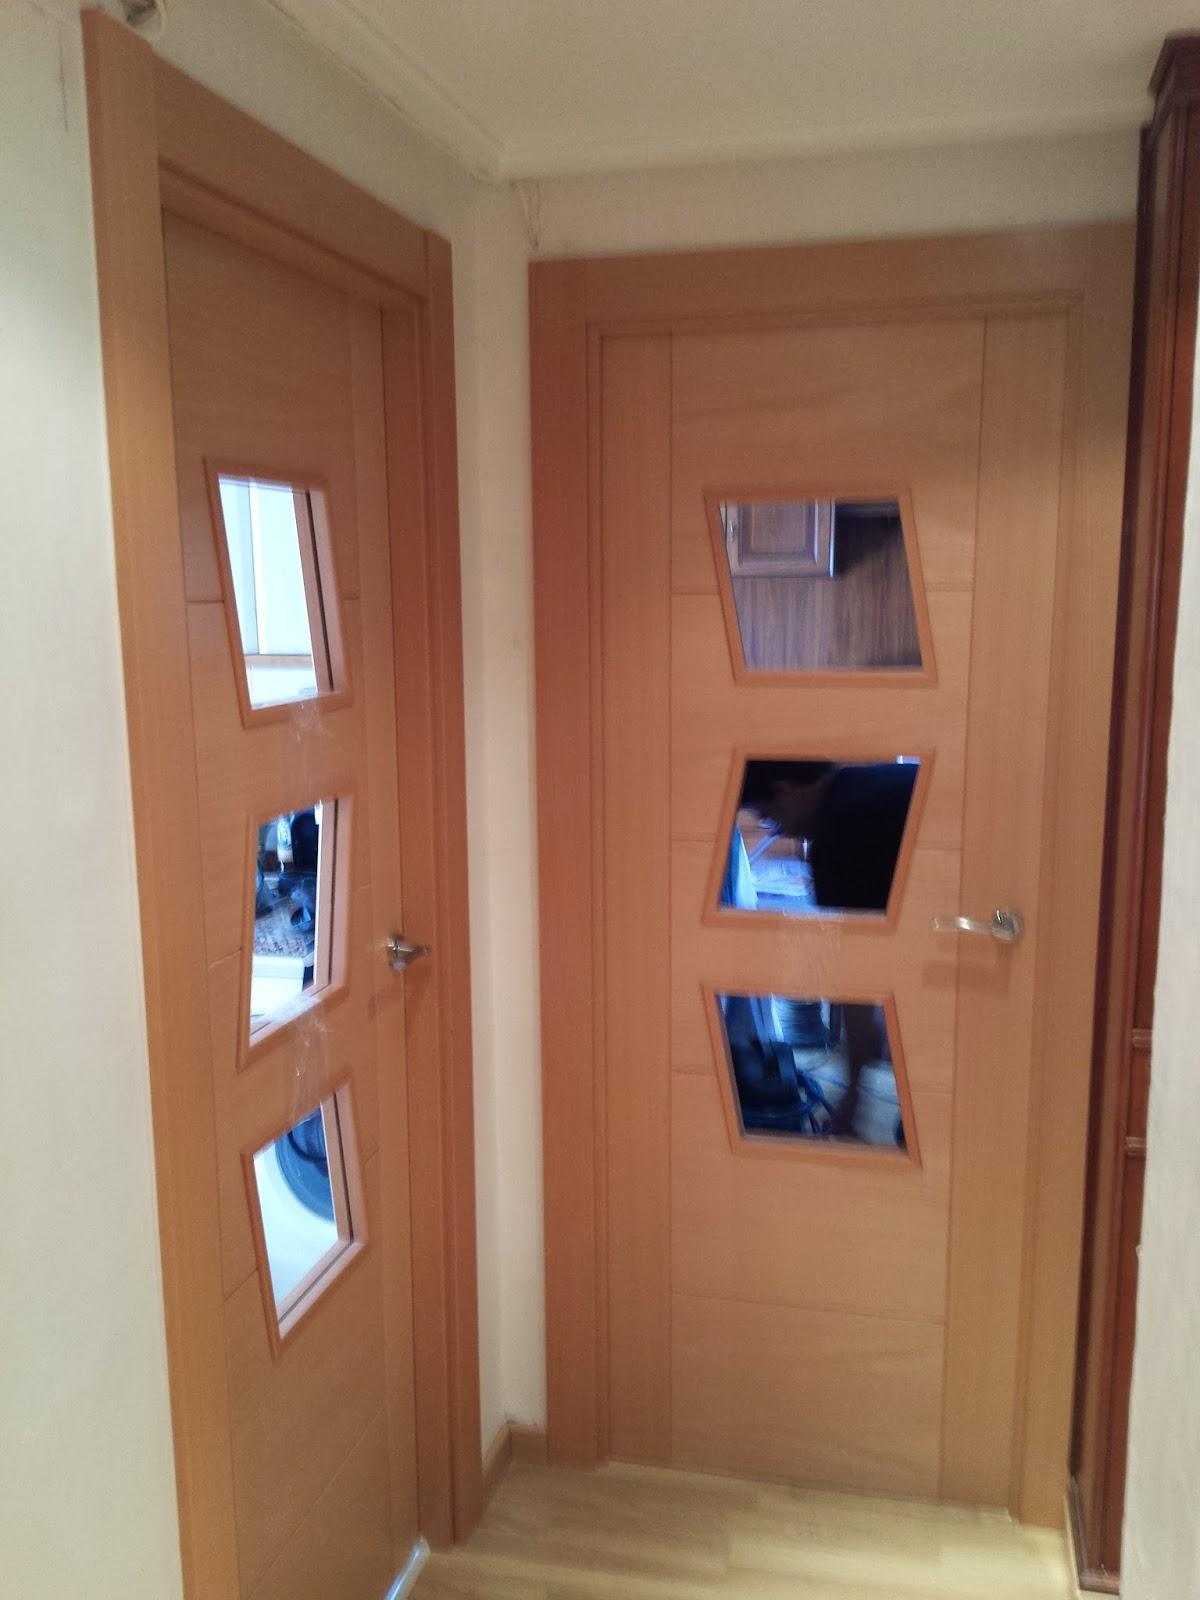 Puertas y maderas gasca mobiliario a medida y reformas - Vidrieras para puertas ...